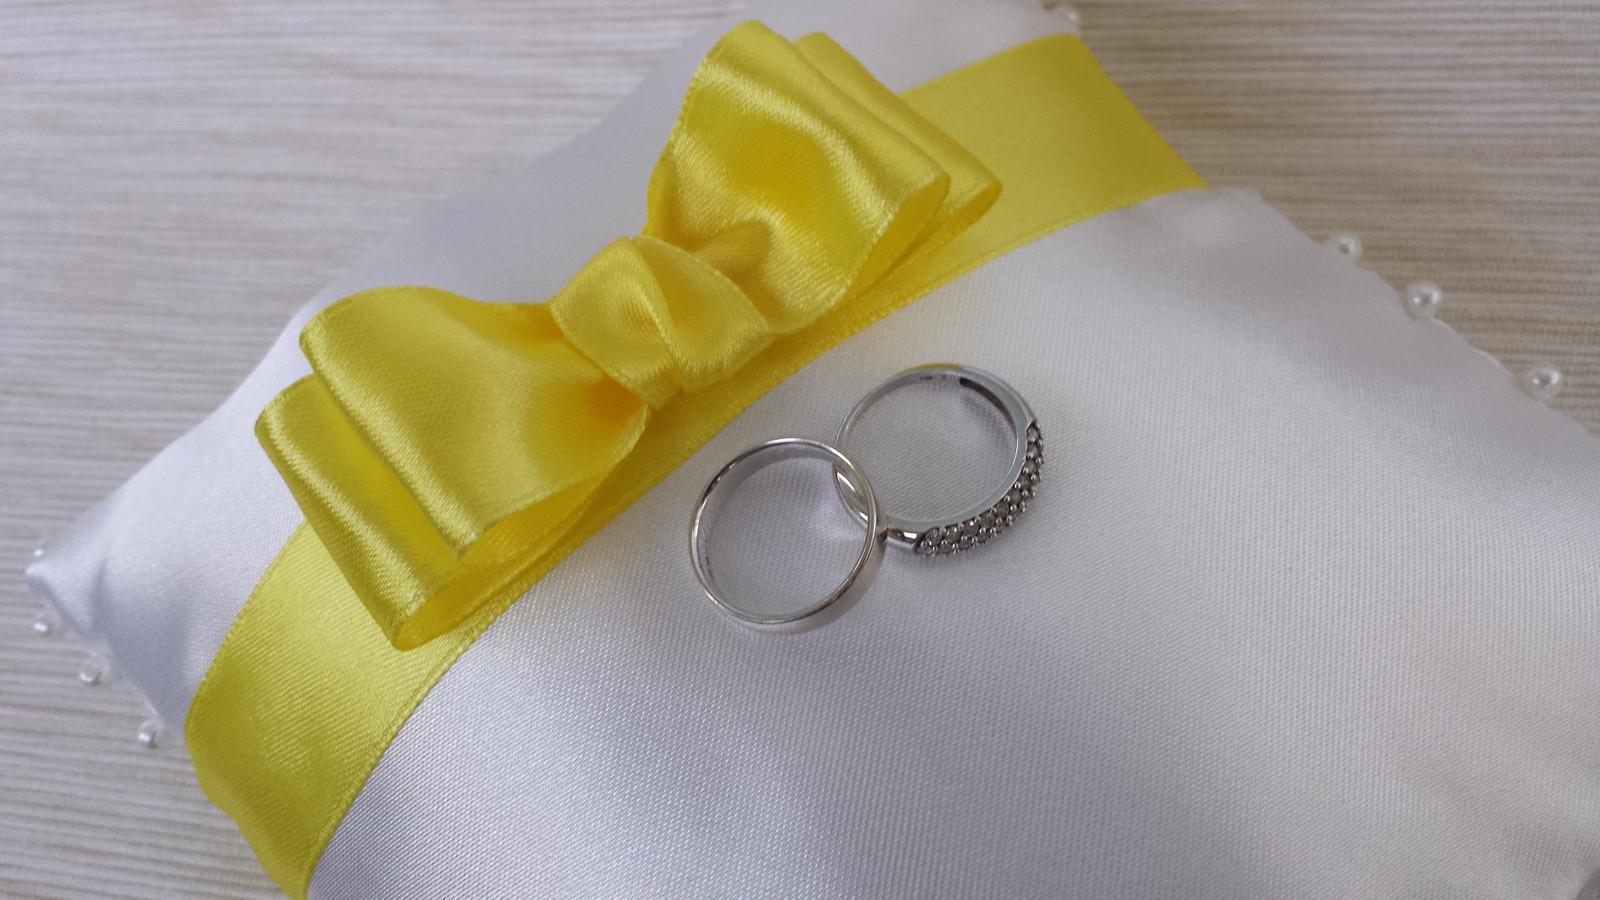 Bílý polštářek pod prstýnky se žlutou mašličkou - Obrázek č. 1